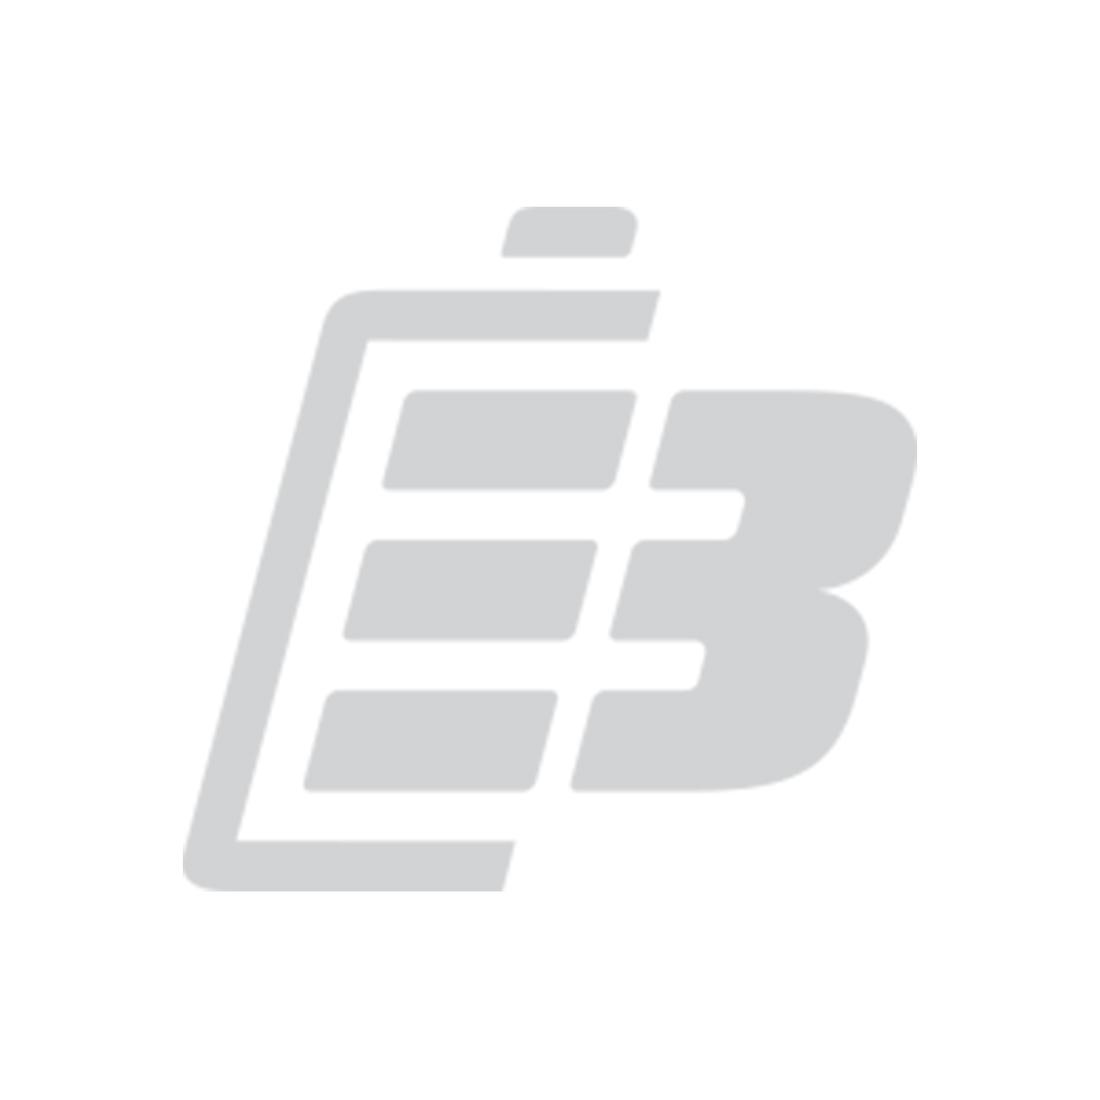 Duracell-9V